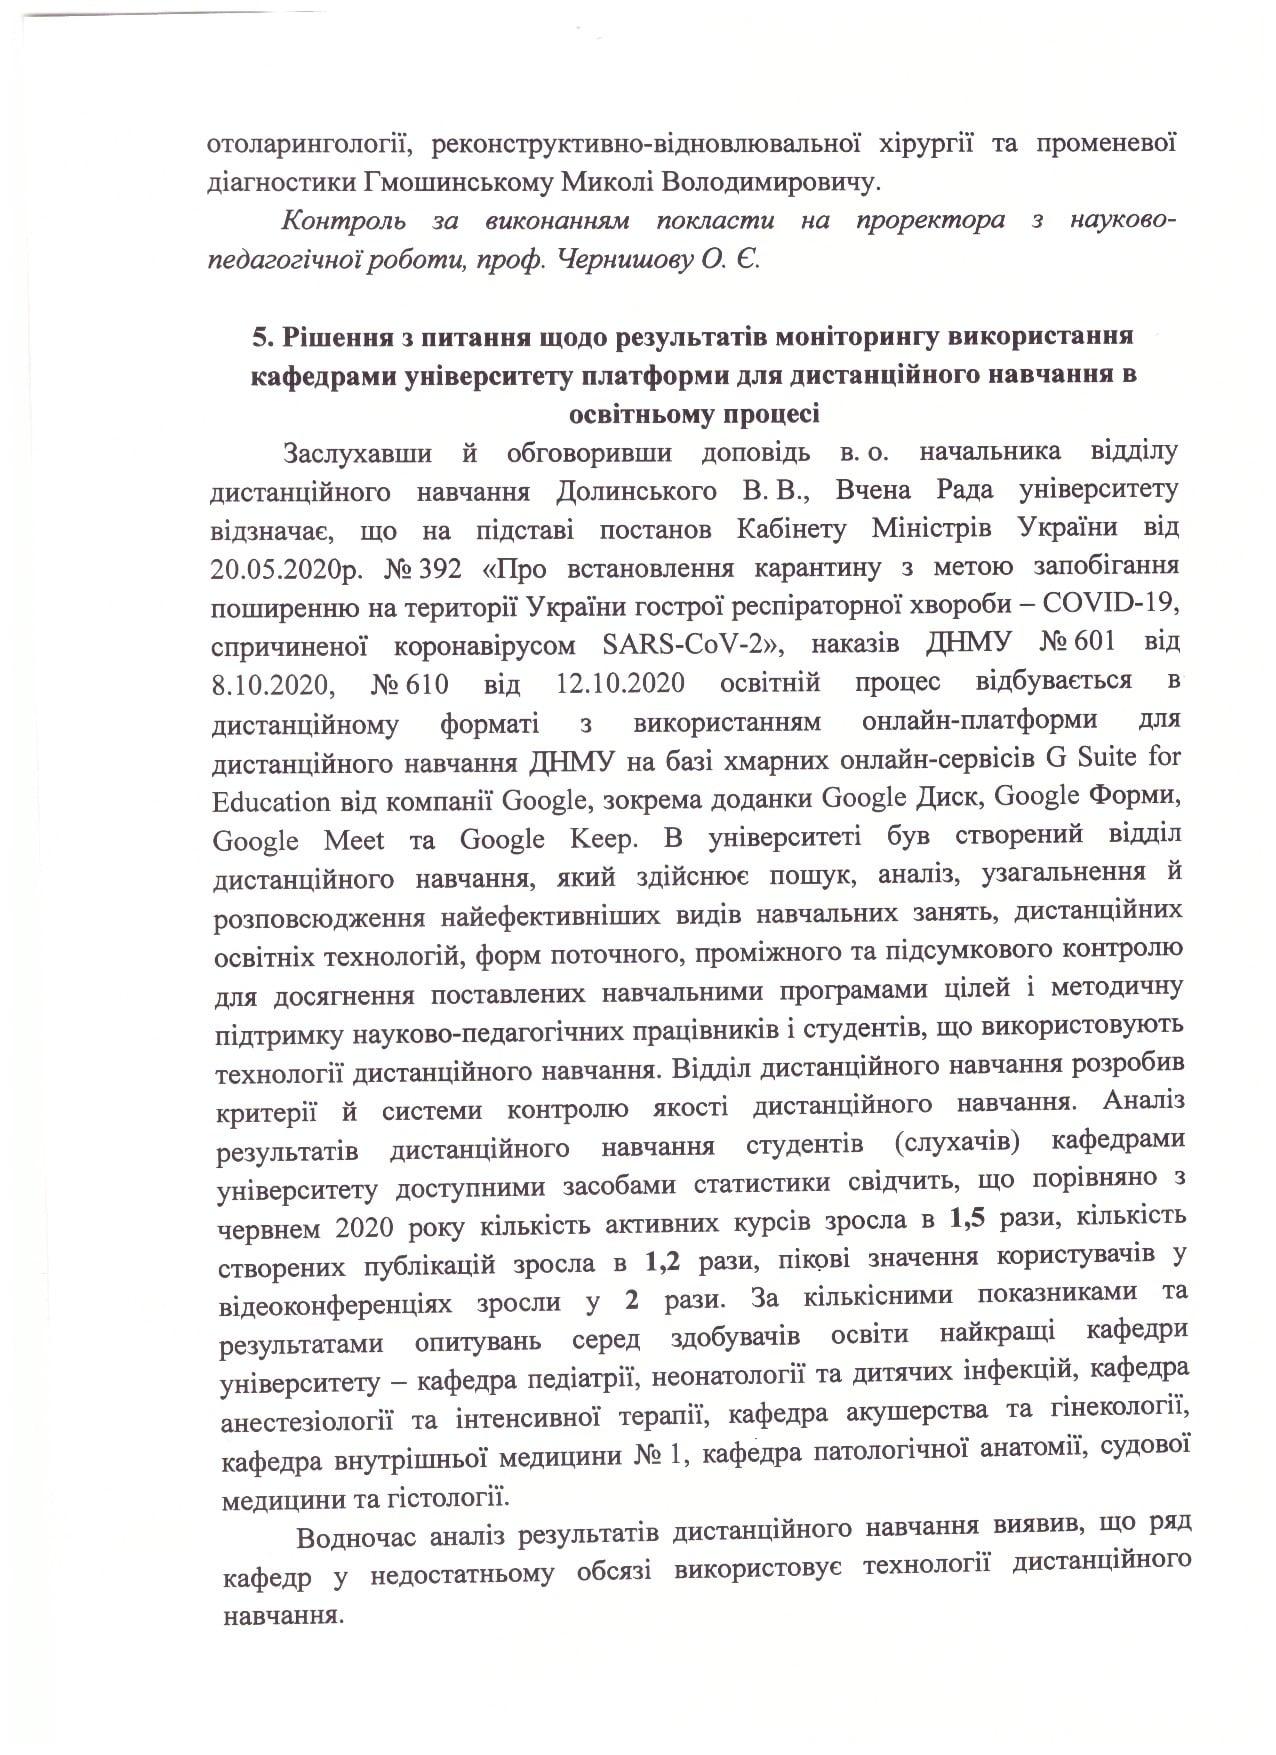 rishennya vr protokol 5 10.12 4